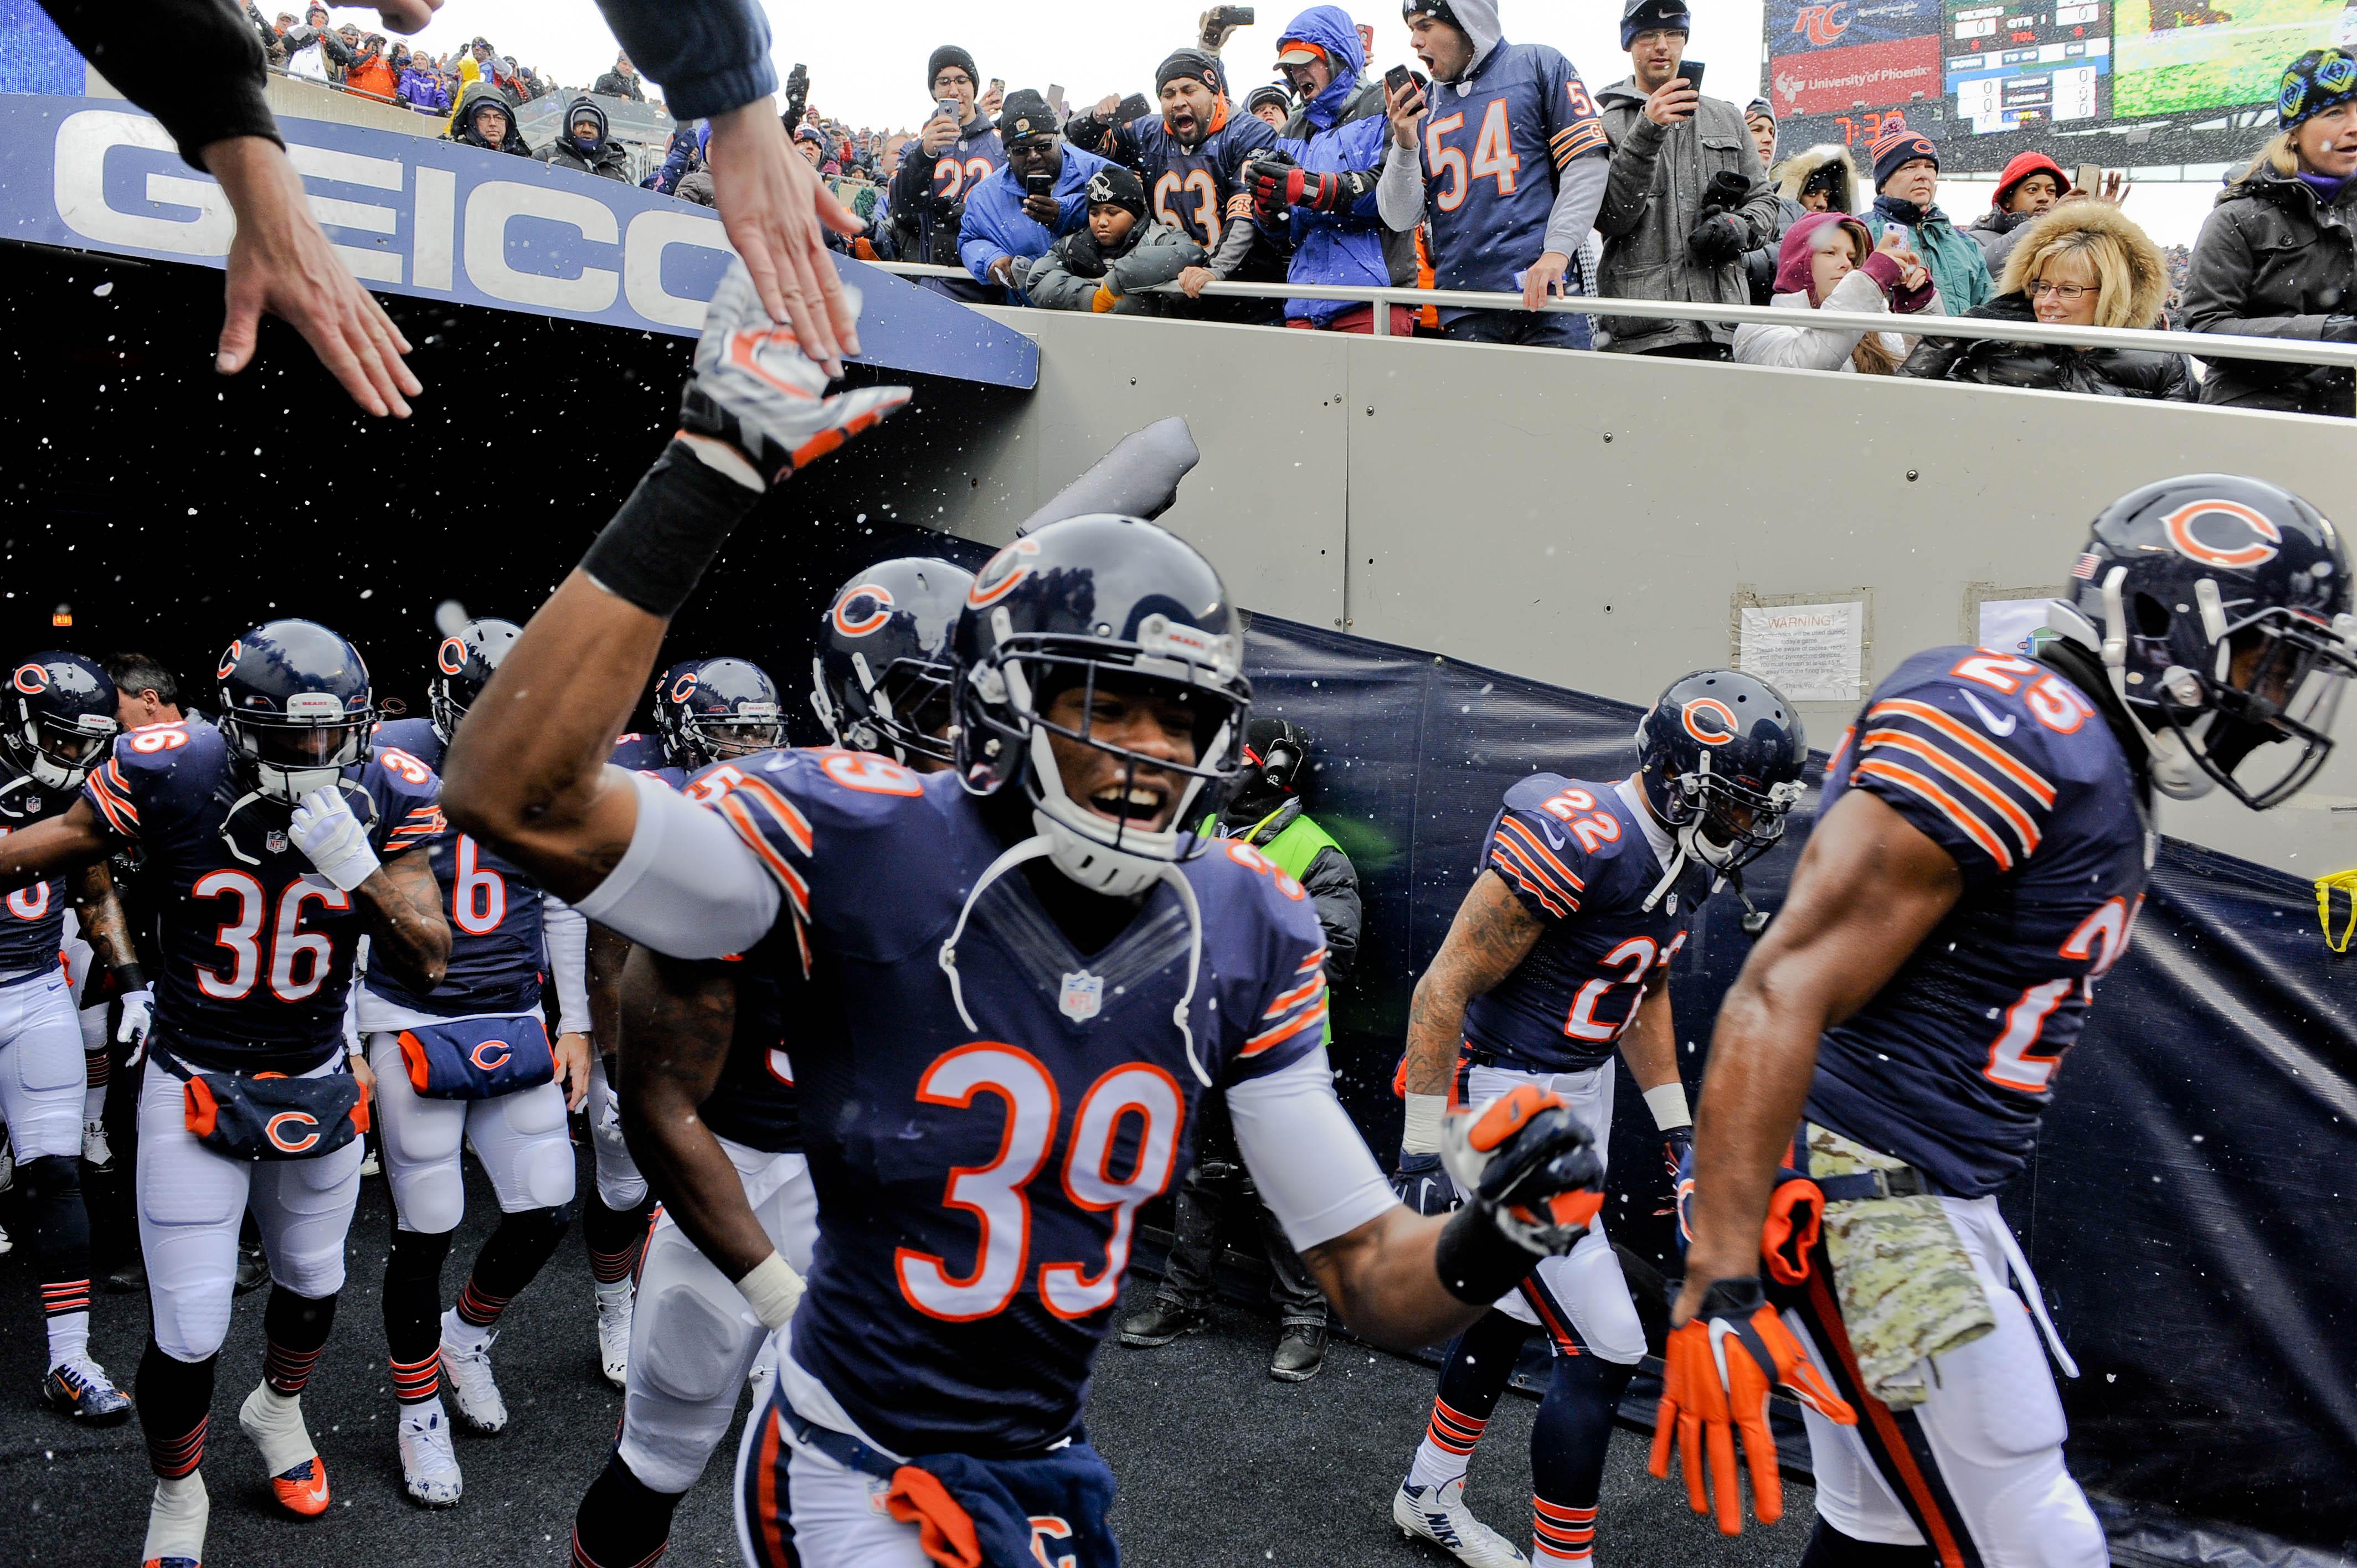 NFL Jerseys Official - The Bears Den: November 21, 2014 - Chicago Bears week 12 news ...